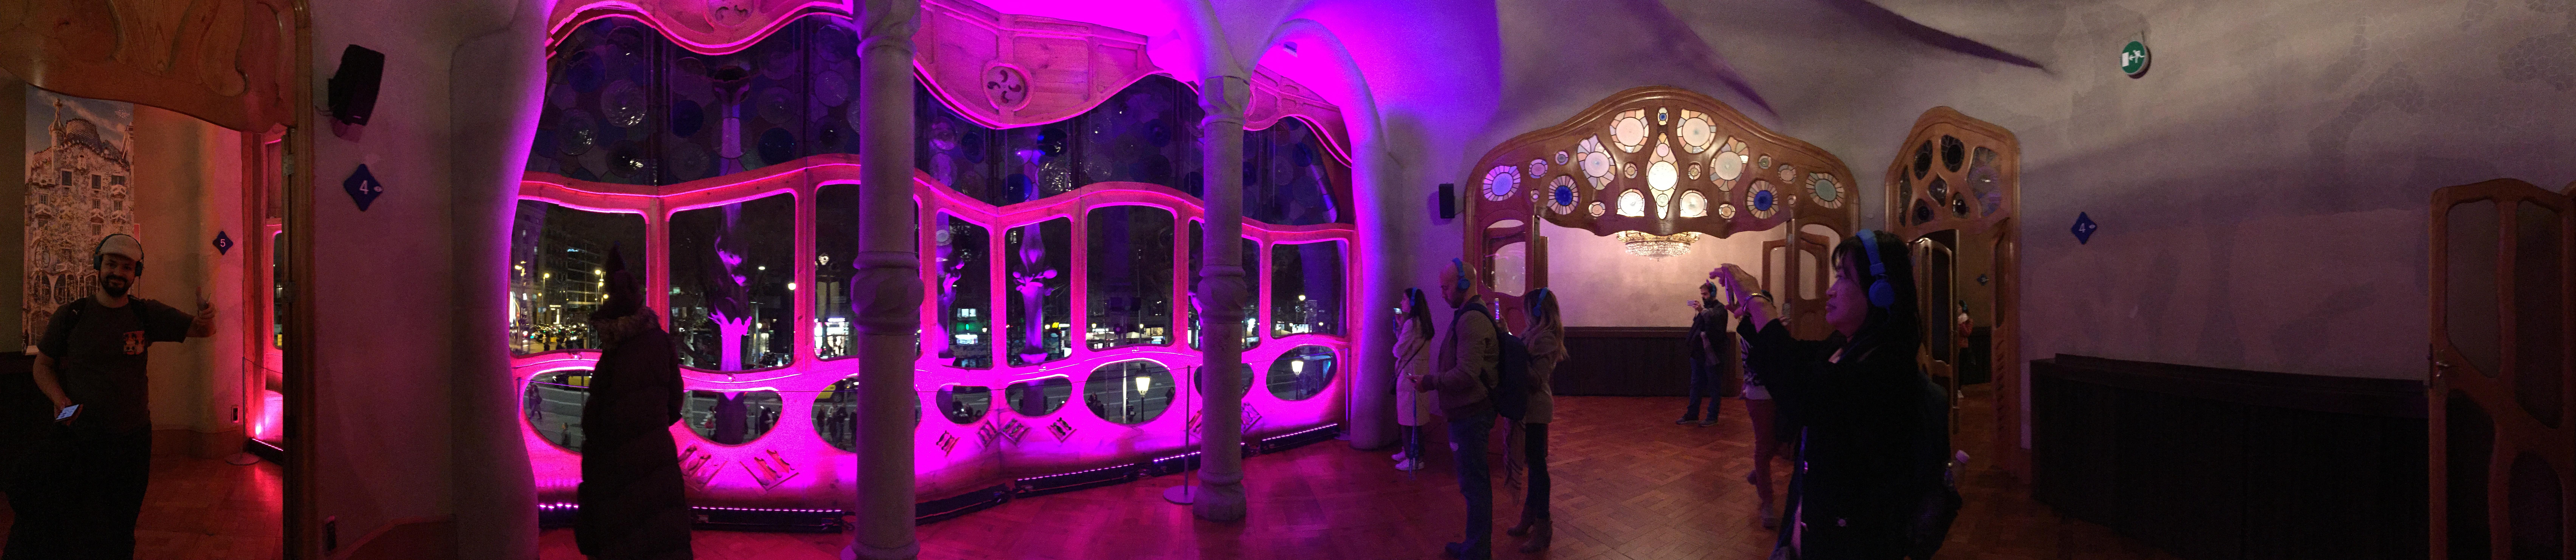 IMG 0849 - Visita a la Casa Batlló en Barcelona Parte I/II